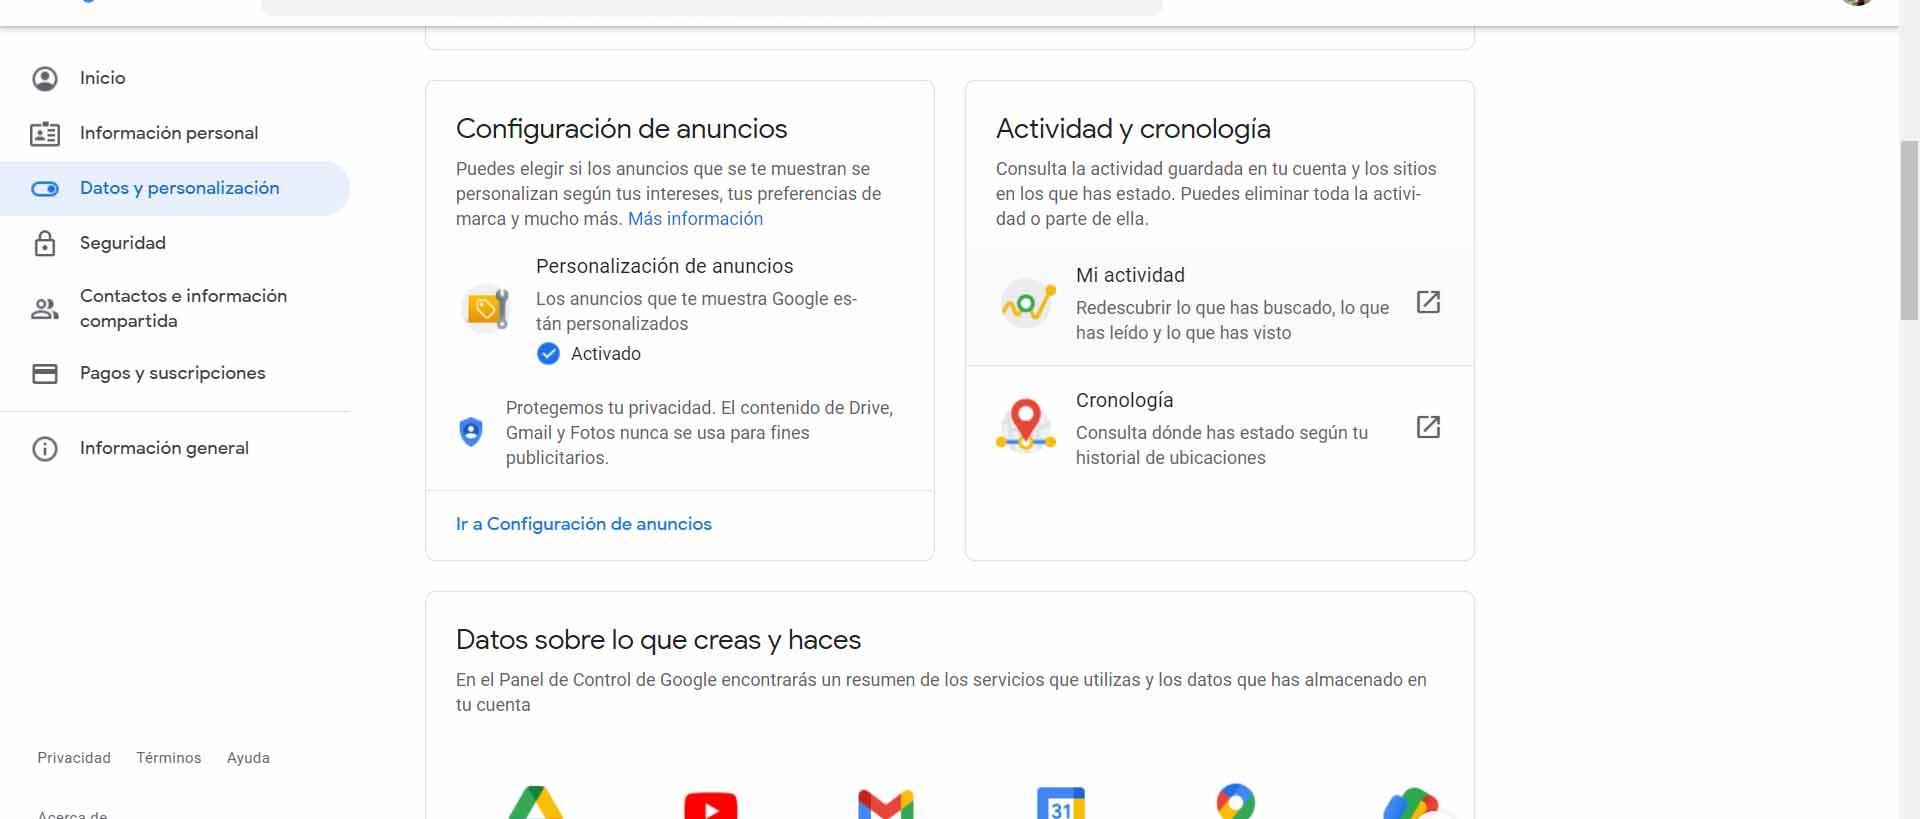 Actividad y cronología de Google